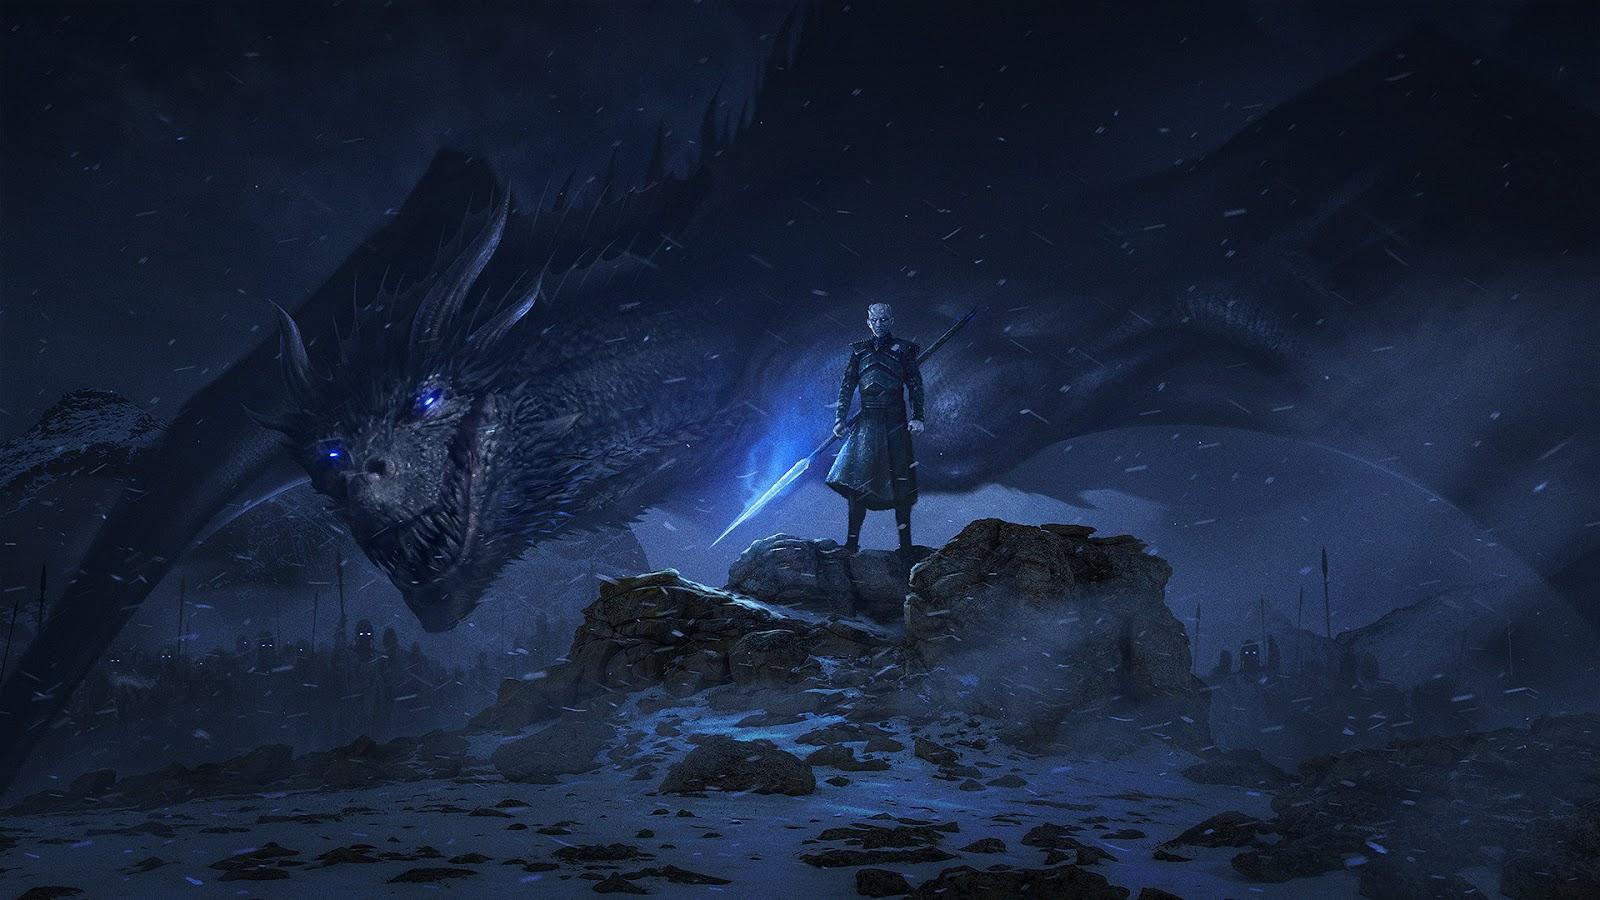 موعد عرض الحلقة الثانية مسلسل صراع العروش Game Of Thrones